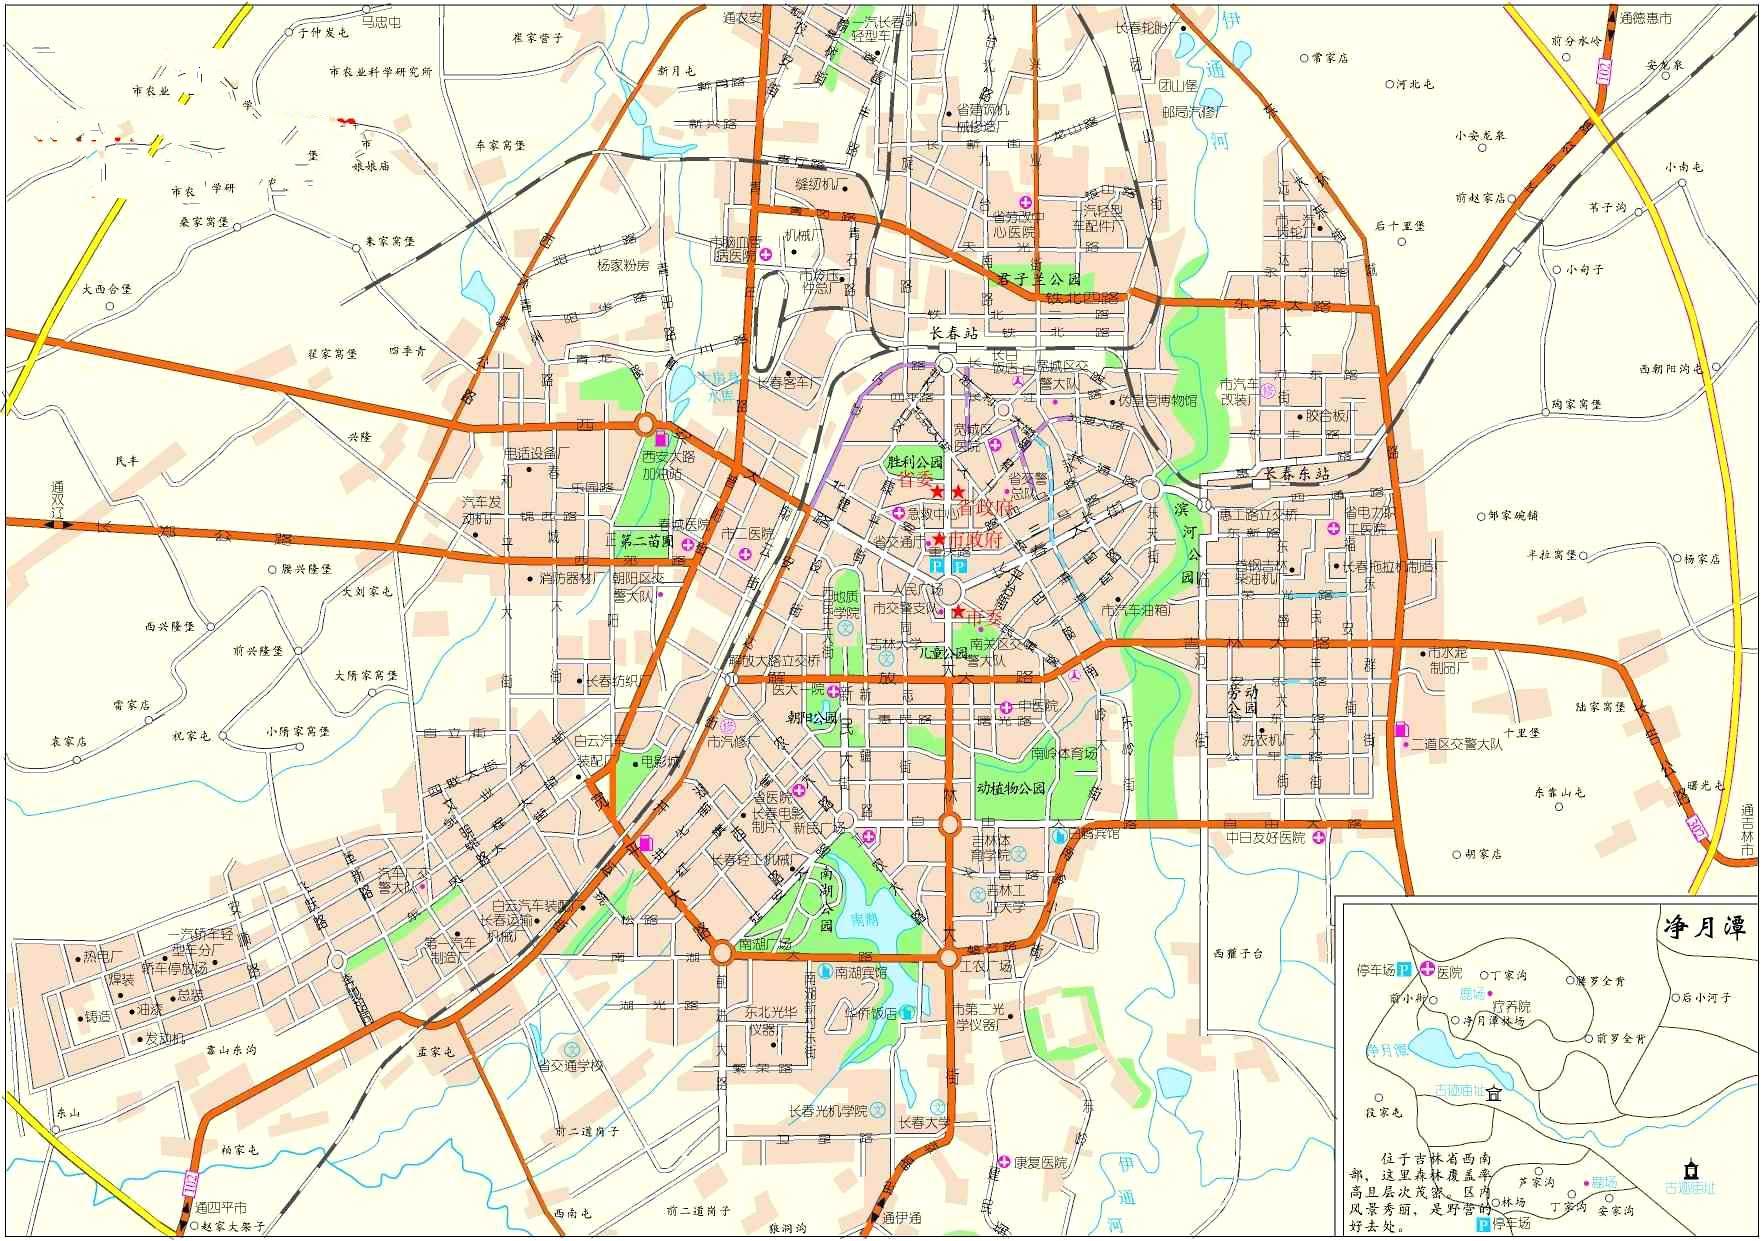 長春市區地圖_長春市地圖查詢